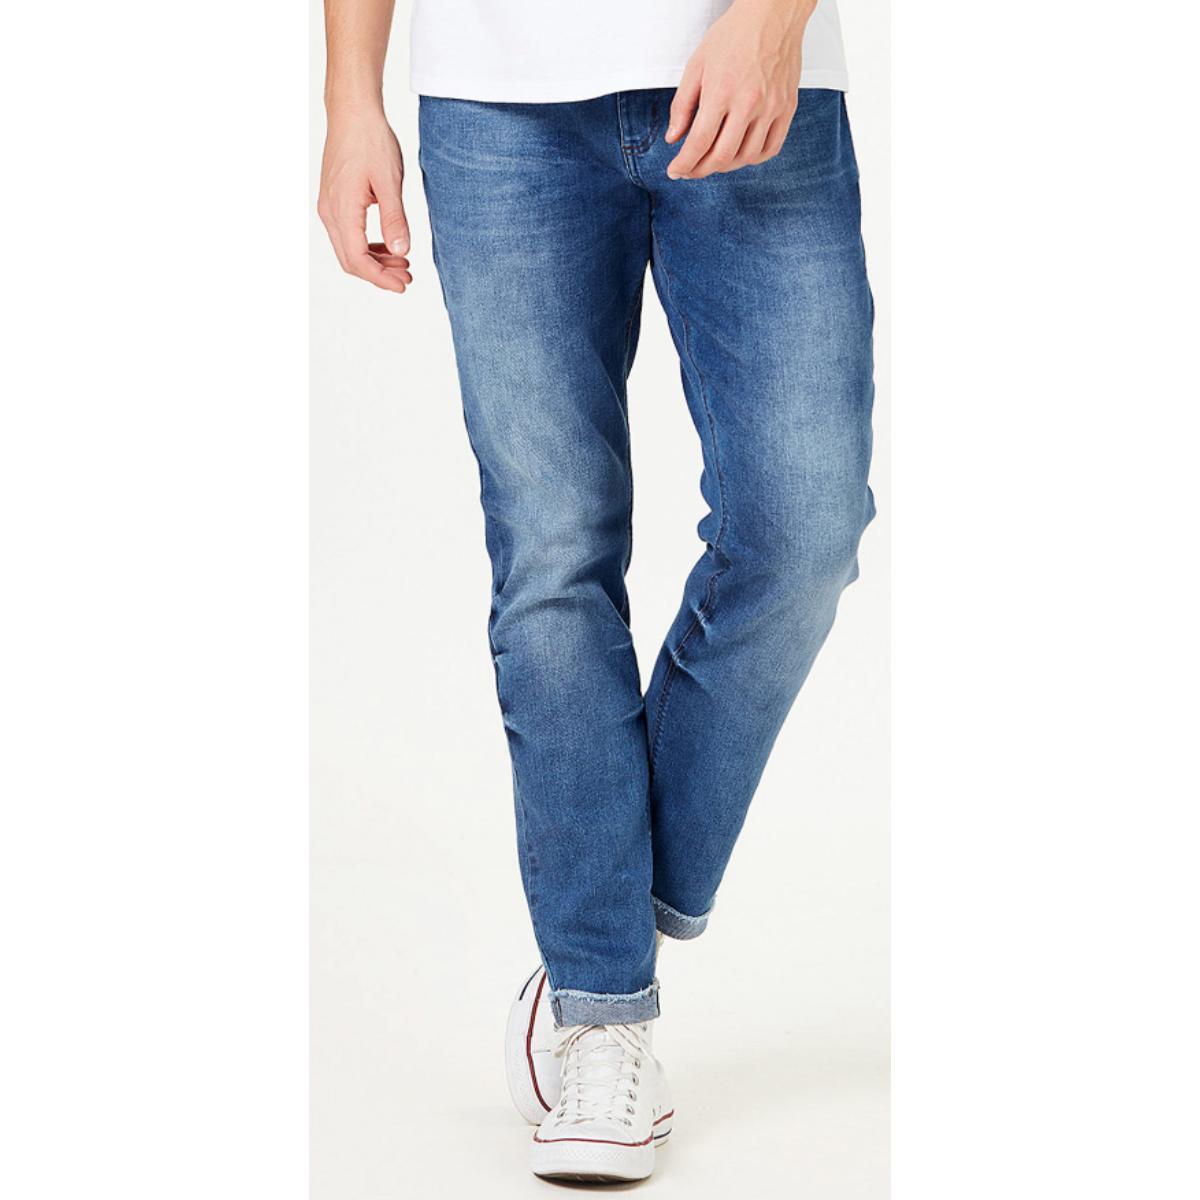 Calça Masculina Hering H1q3 1aej  Jeans